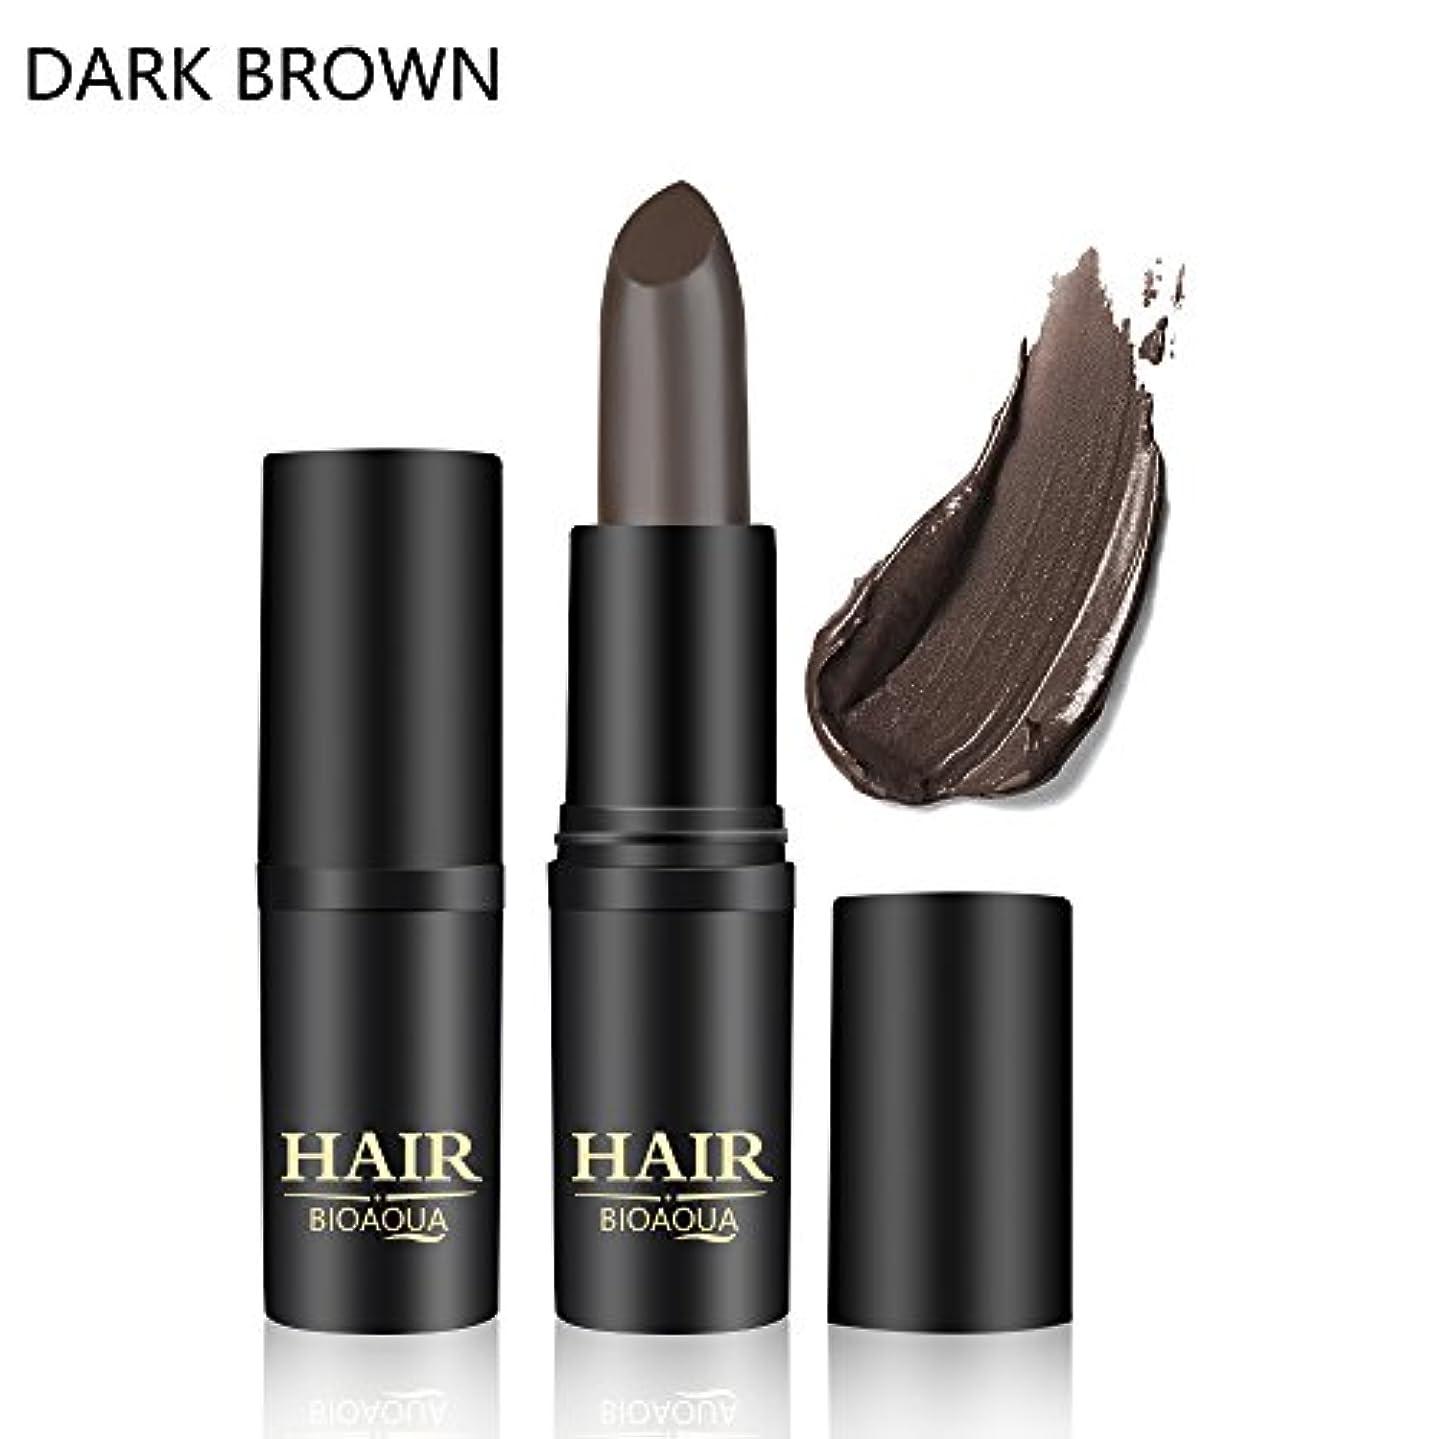 維持する好意的香水[BROWN] 1PC Temporary Hair Dye Cream Mild Fast One-off Hair Color Stick Pen Cover White Hair DIY Styling Makeup...